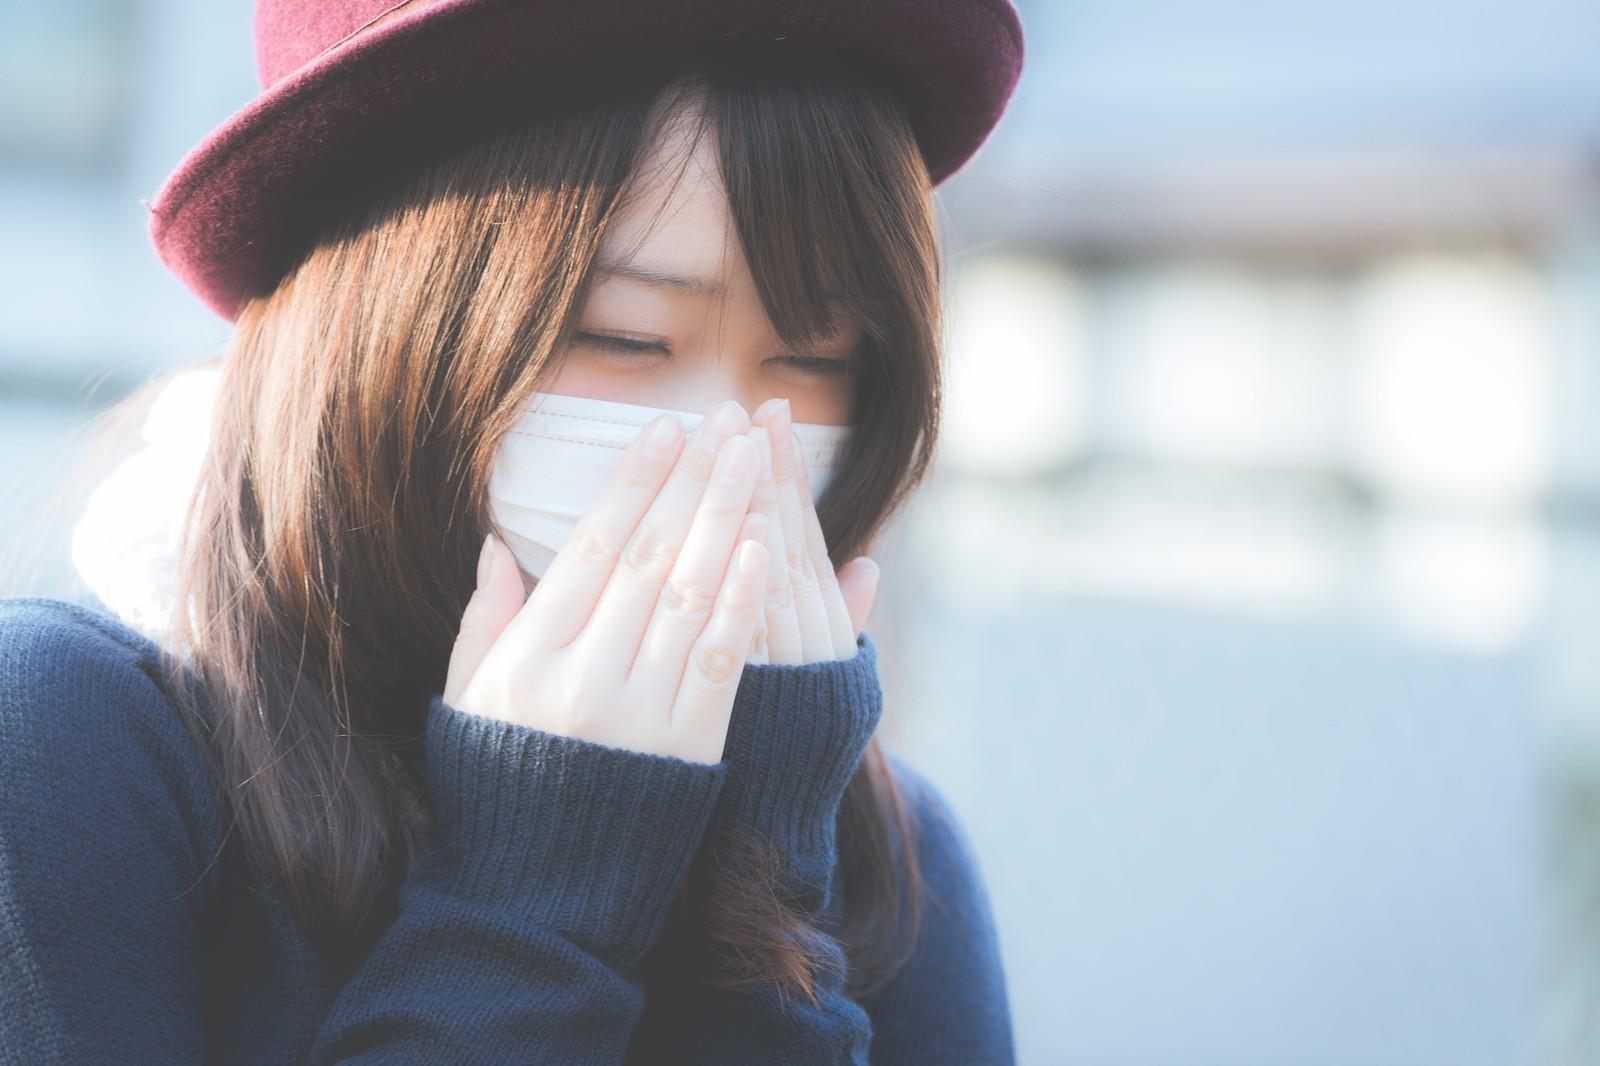 インフルエンザ 潜伏期間 キス